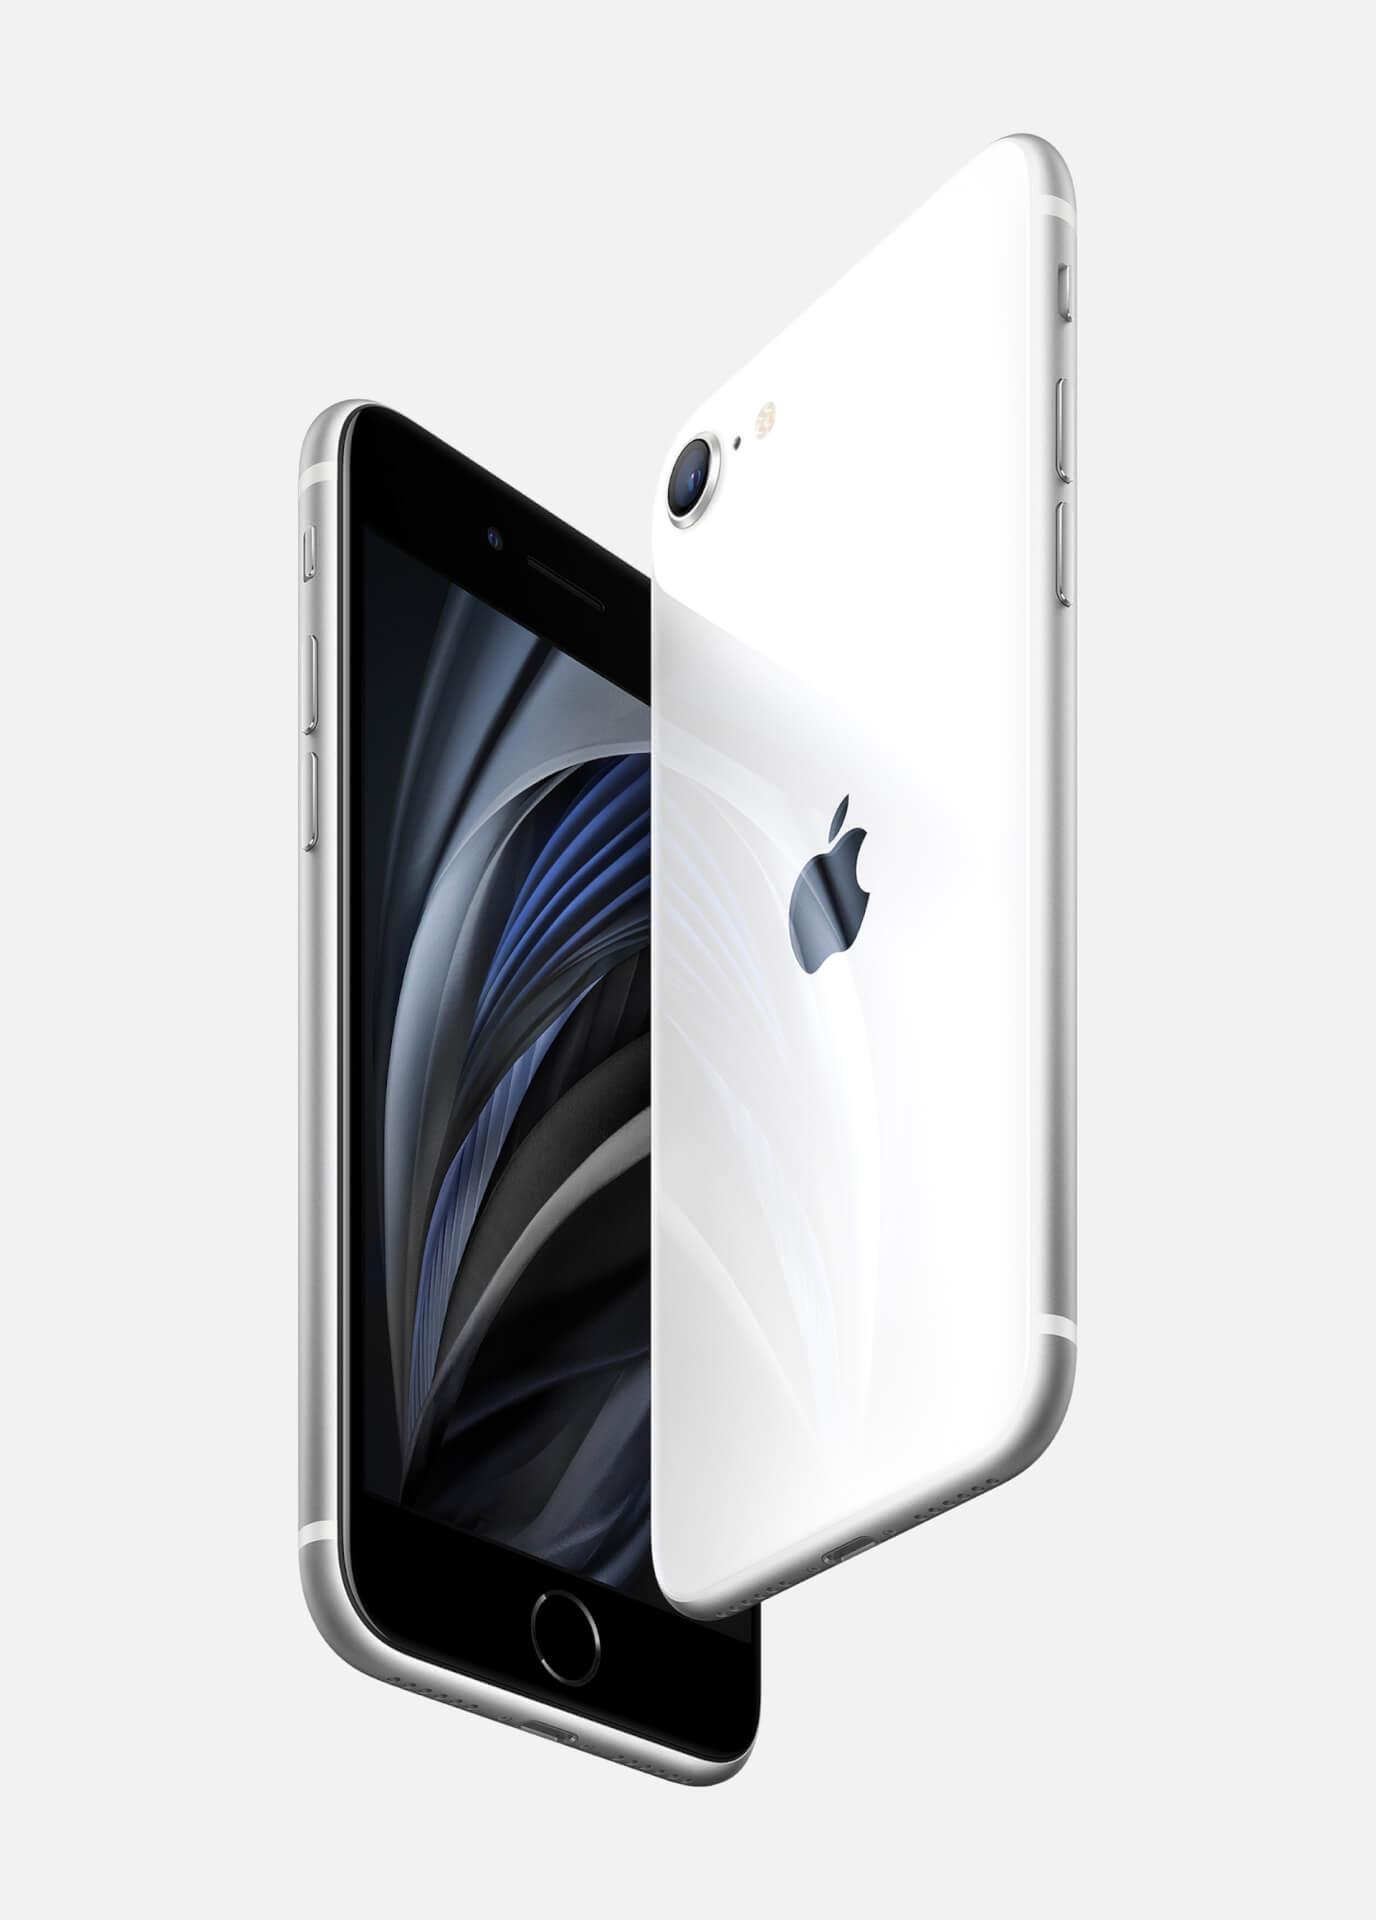 ついに新型iPhone「iPhone SE」が登場!4.7インチディスプレイで44800円から tech200416_iphonese_main